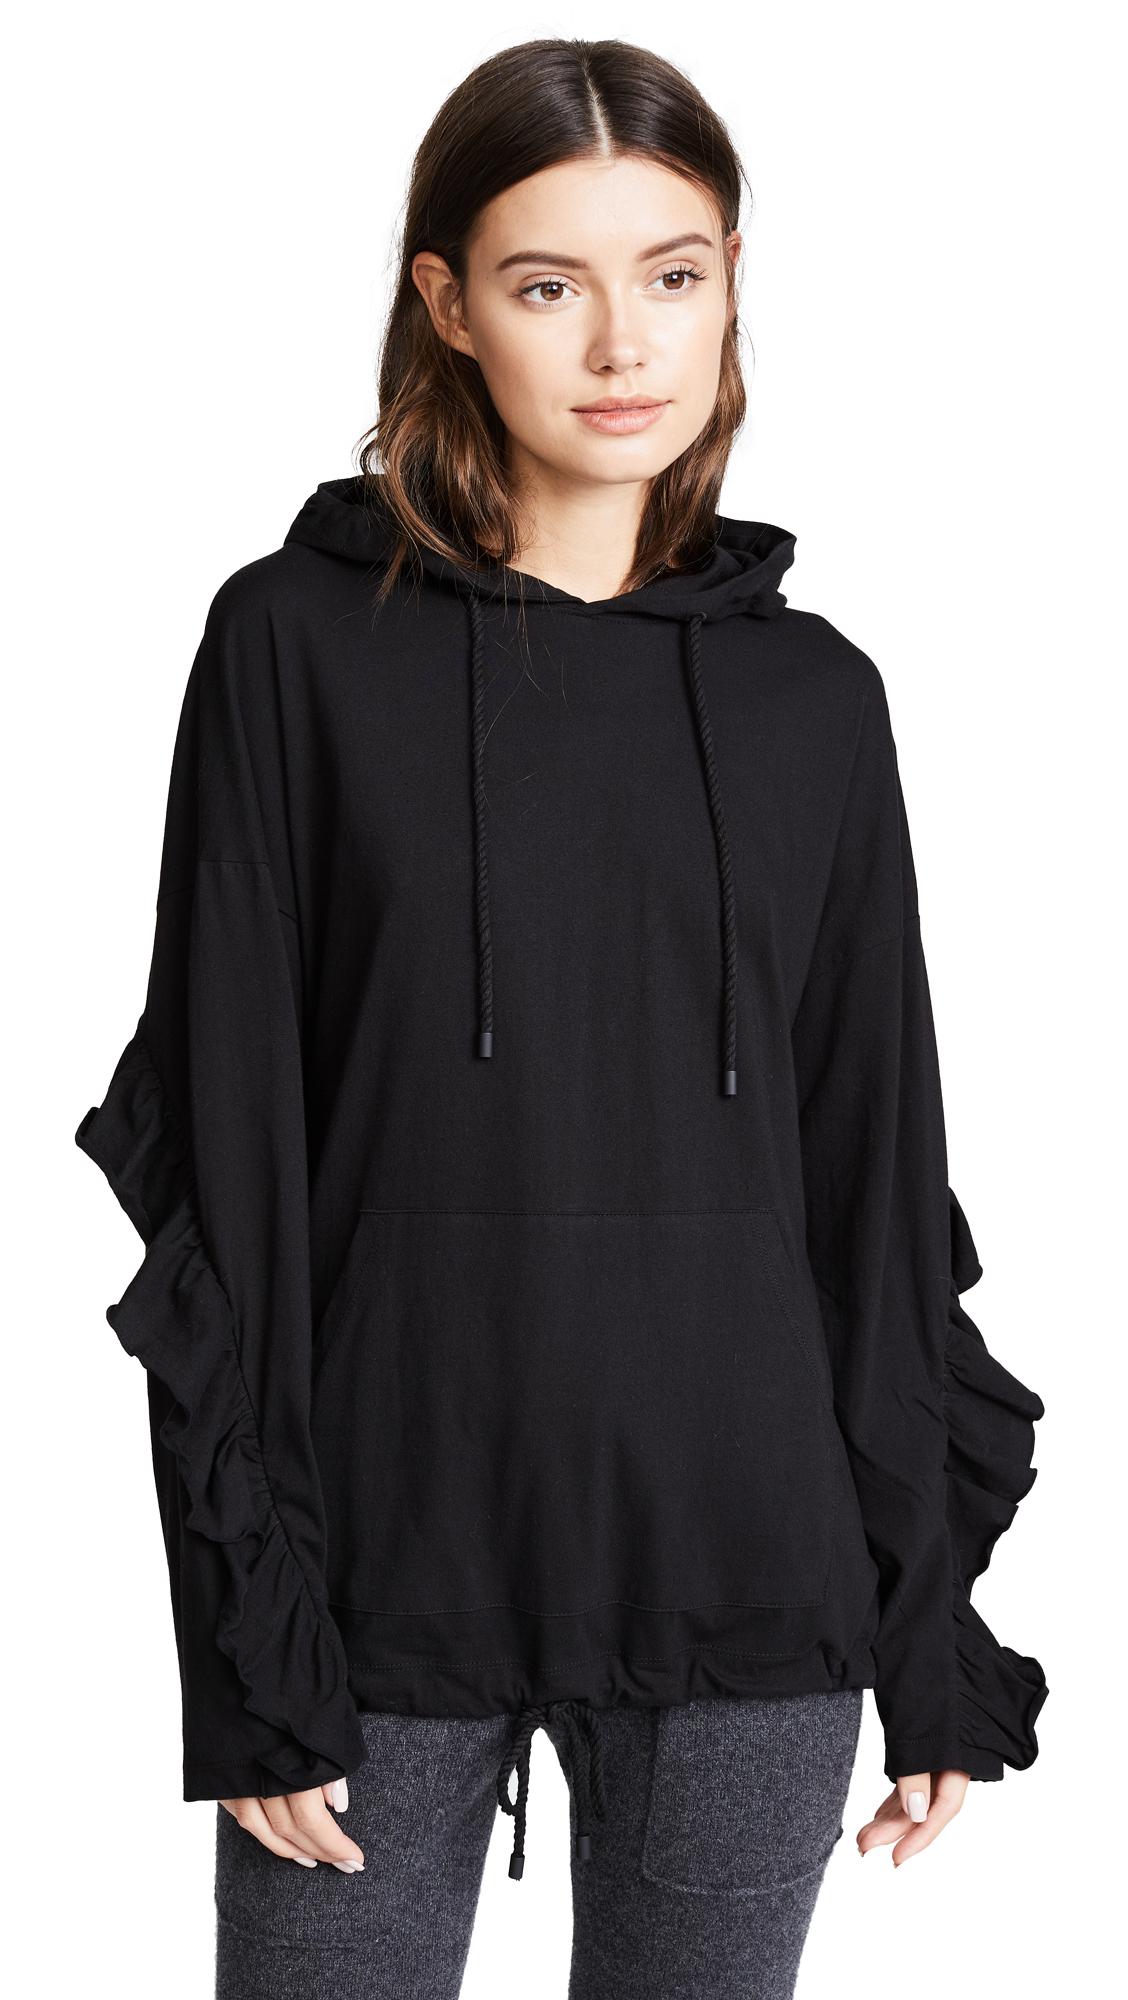 SJYP Frill Sleeves Hoodie - Black